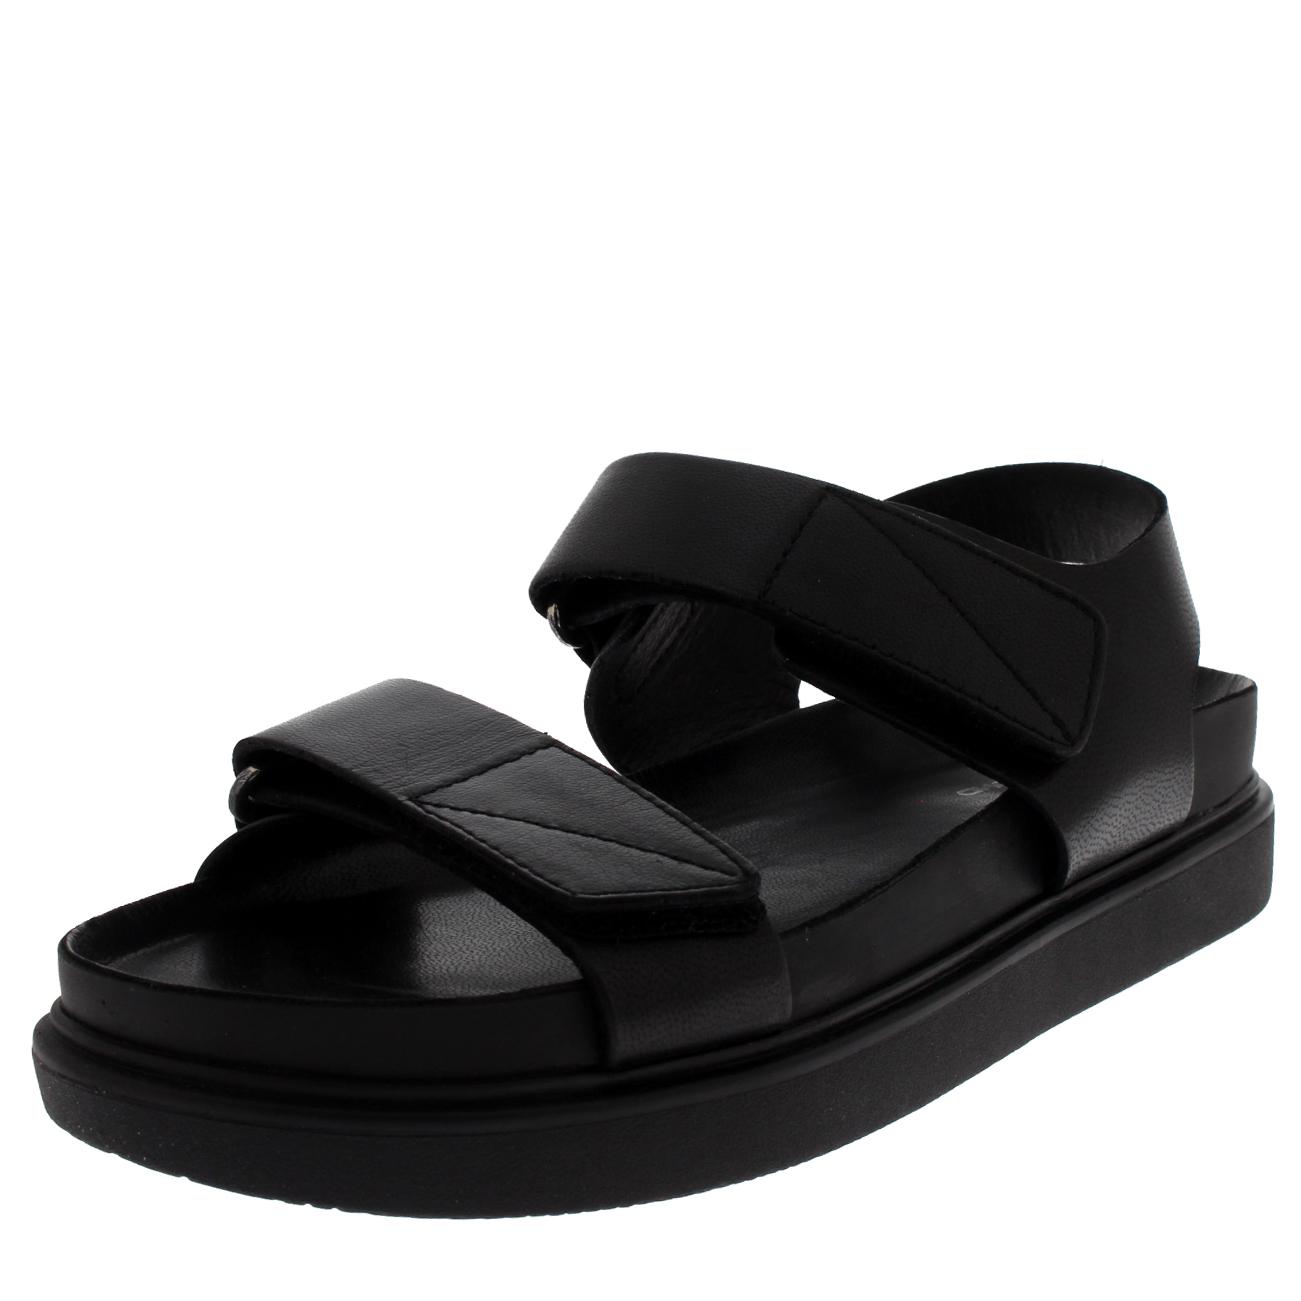 Vagabond Grace Ankle Boot